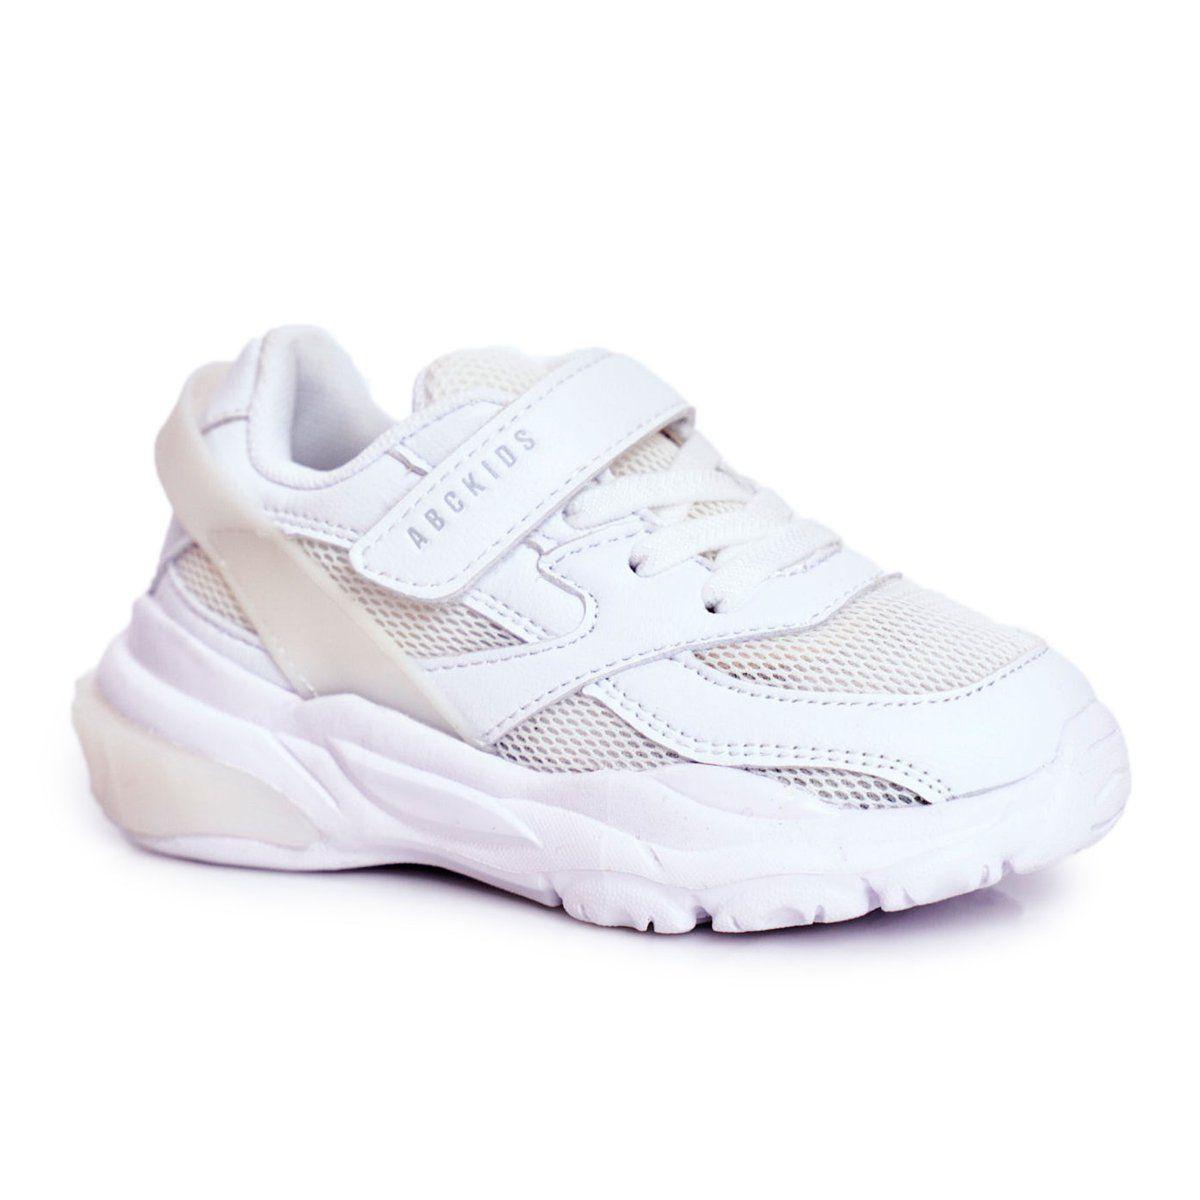 Buty Sportowe Obuwie Dzieciece Dzieci Abckidspolandsp Zo O Abckids Poland Sp Z O O Sportowe Buty Dzieciece Biale Abckid In 2020 Shoes Sneakers Fashion